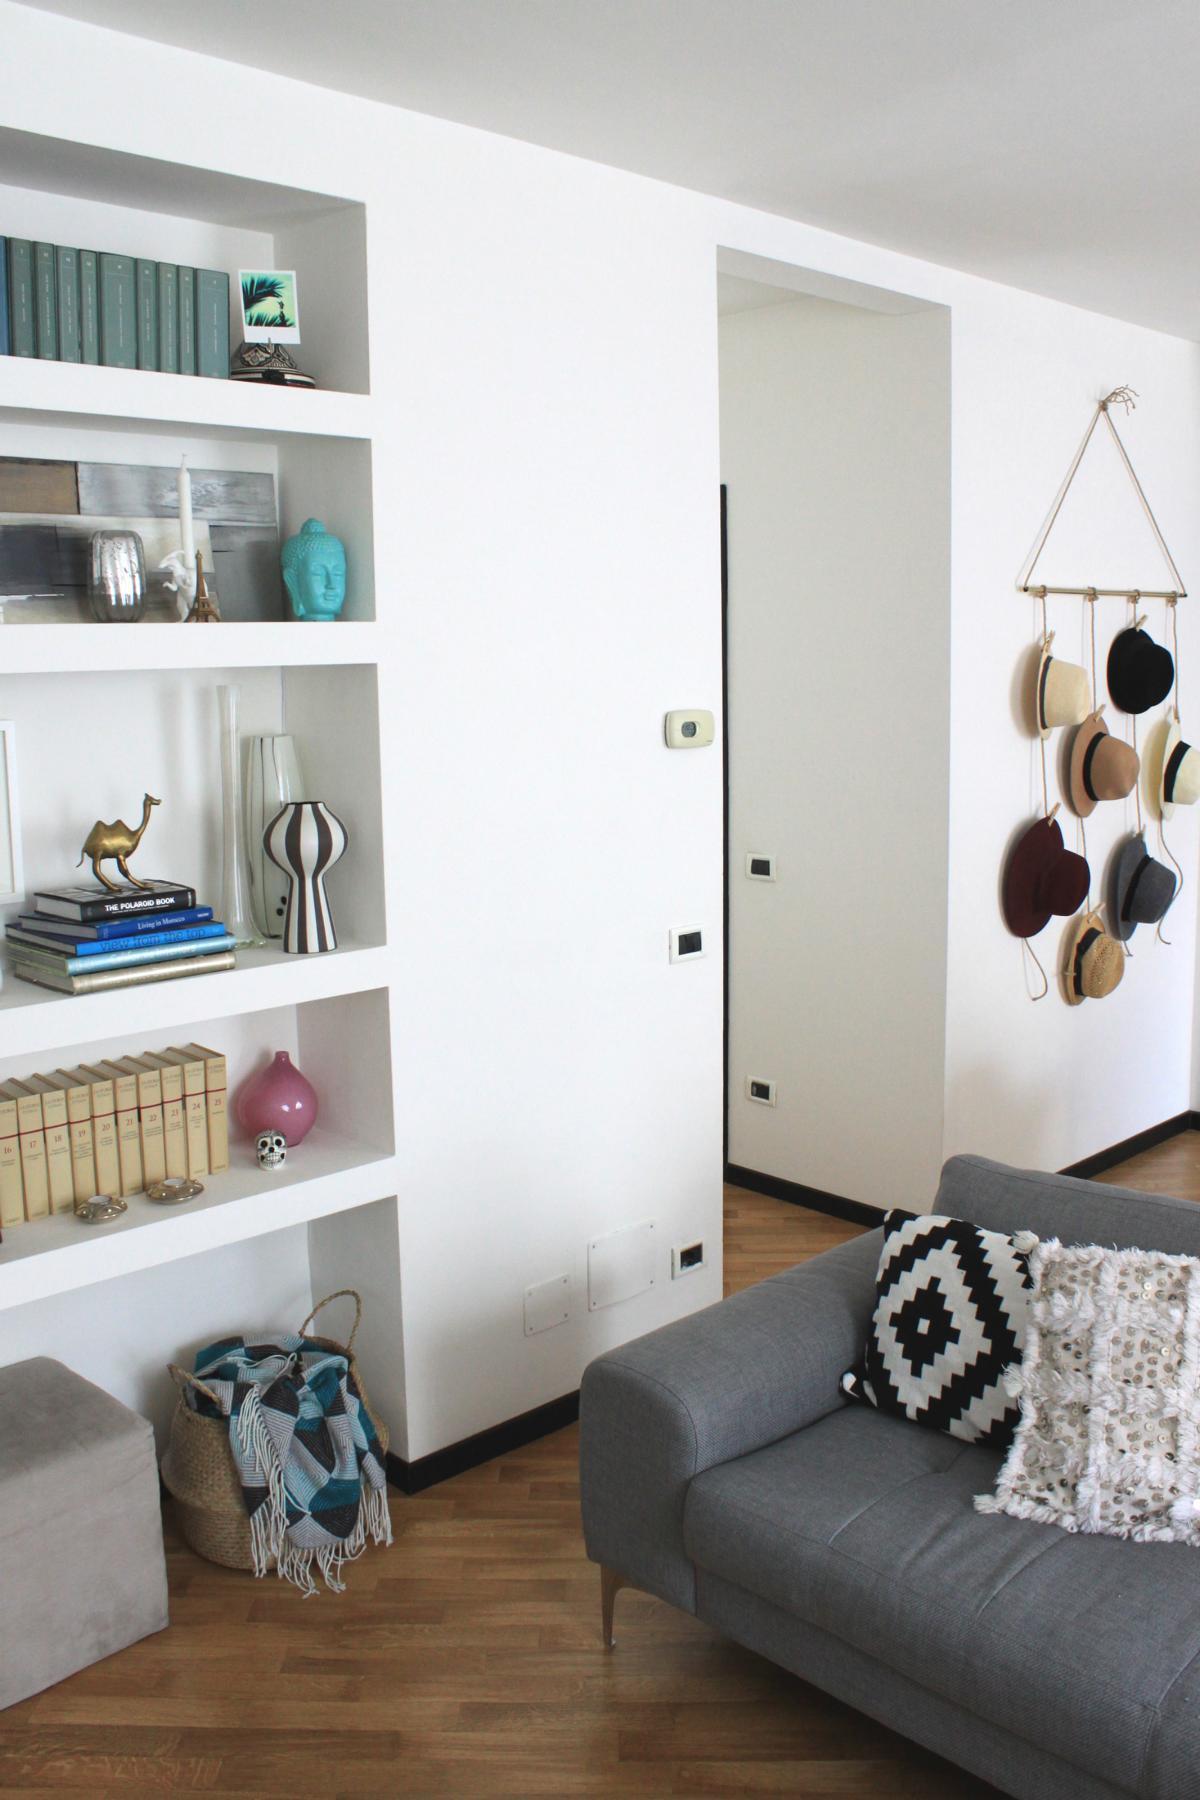 wohnzimmer-deko • bilder & ideen • couchstyle, Deko ideen